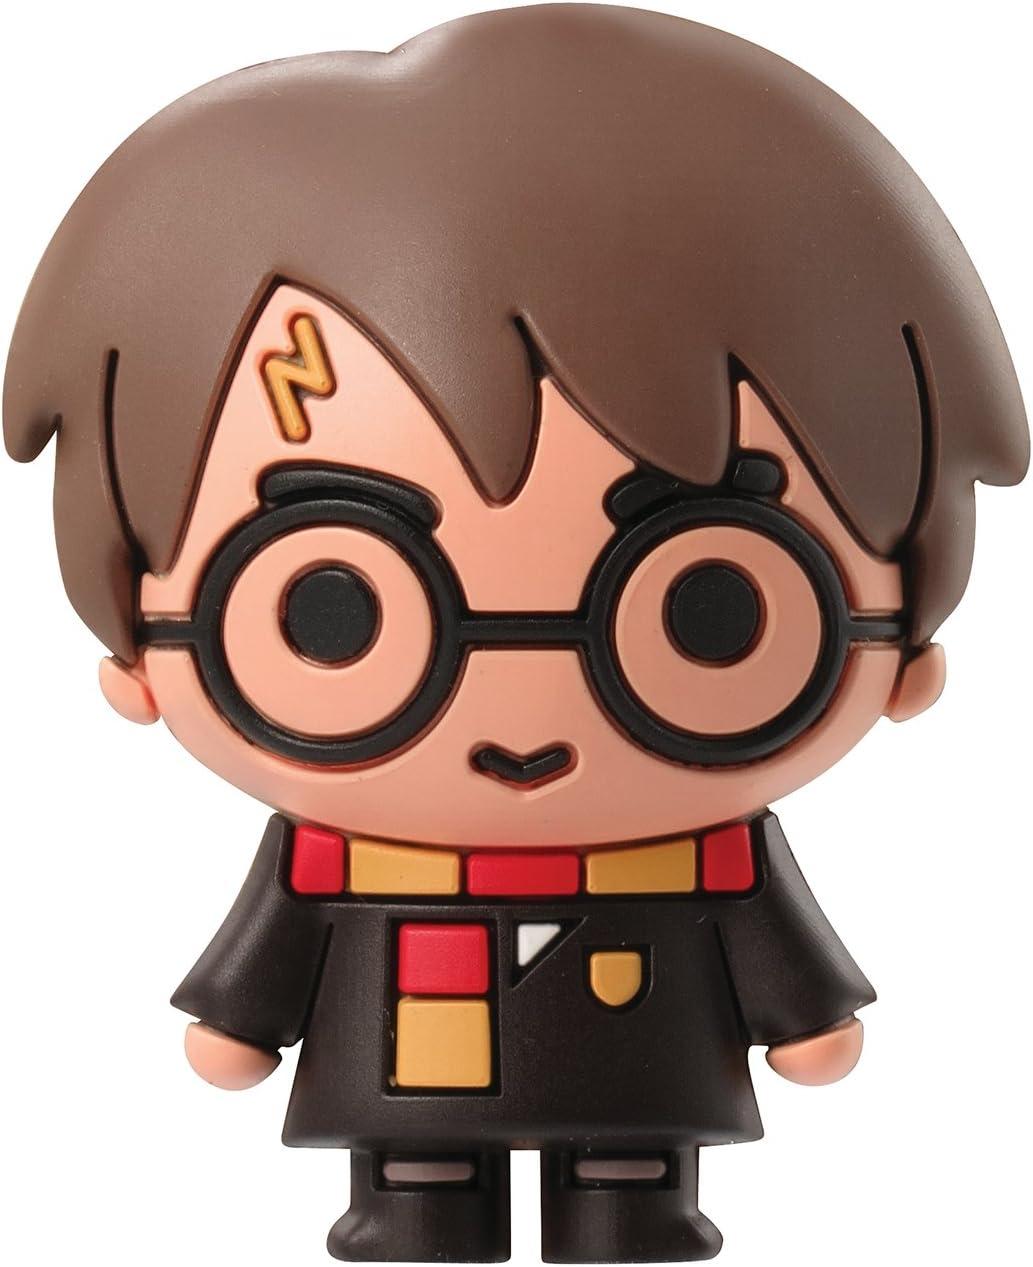 Harry Potter Novelty Magnet, Multi Color